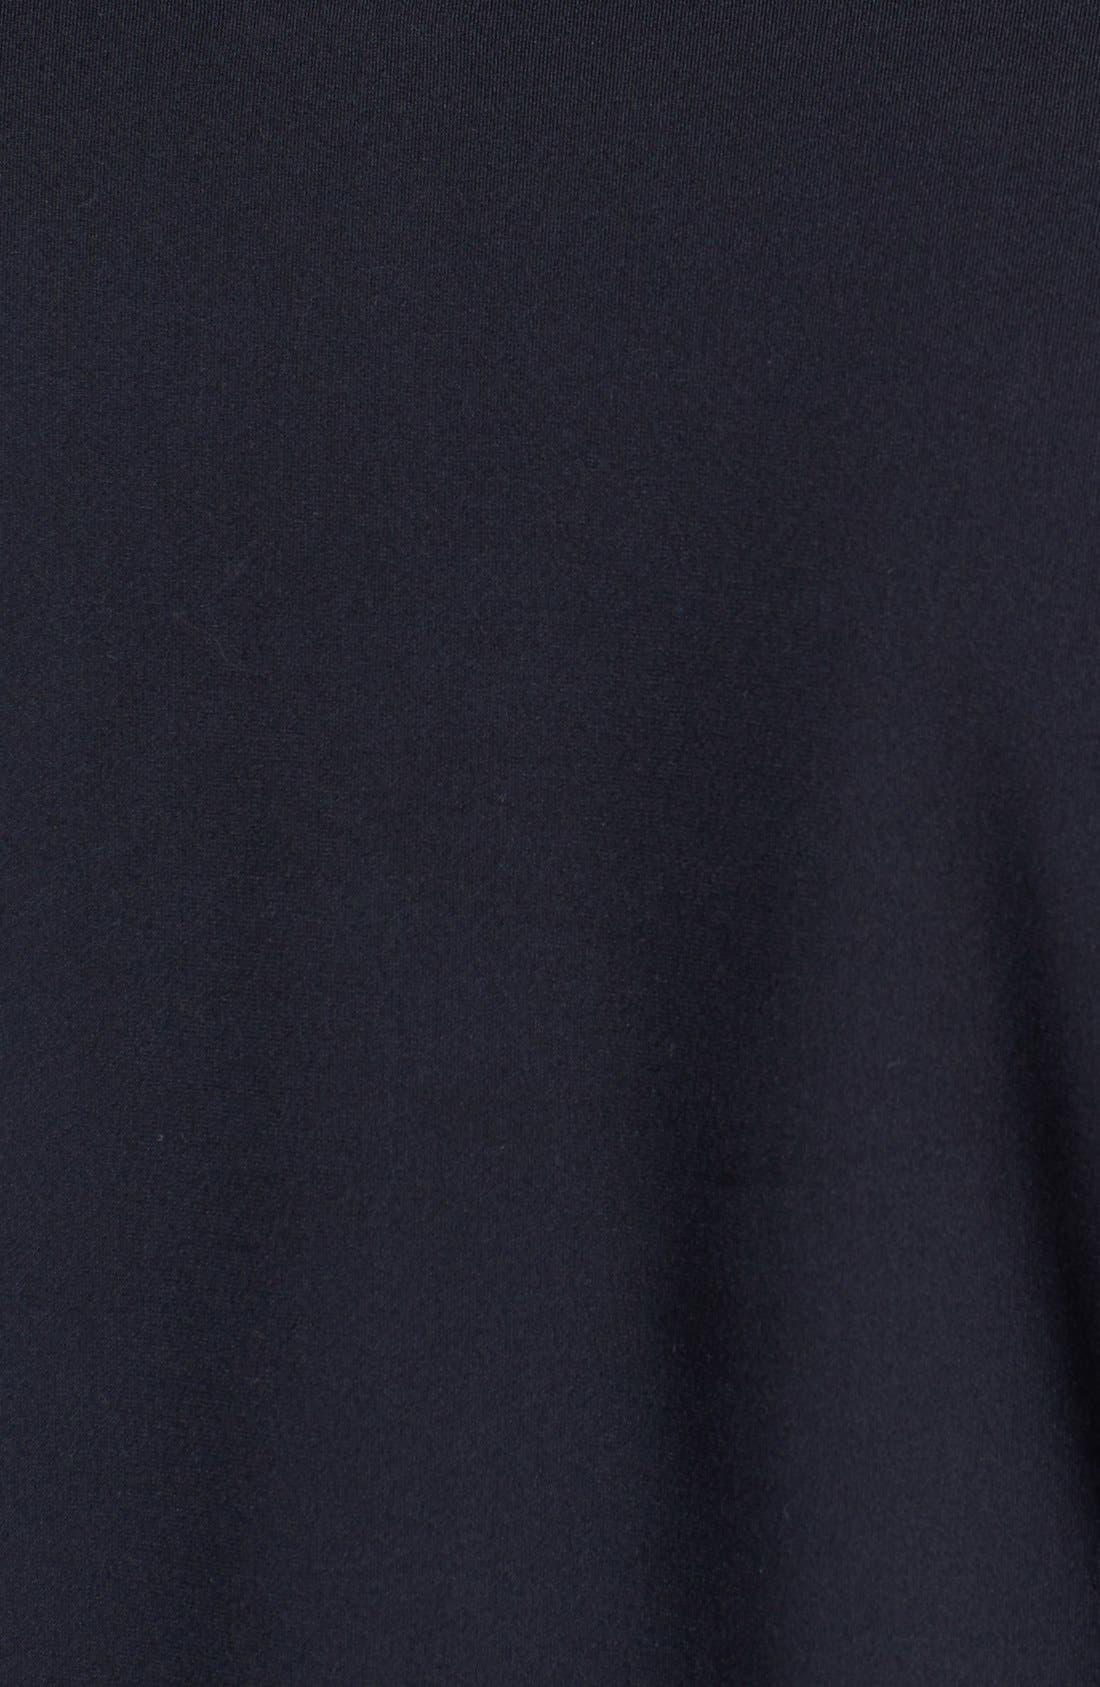 Alternate Image 3  - adidas 'Sequencials' Half-Zip Top